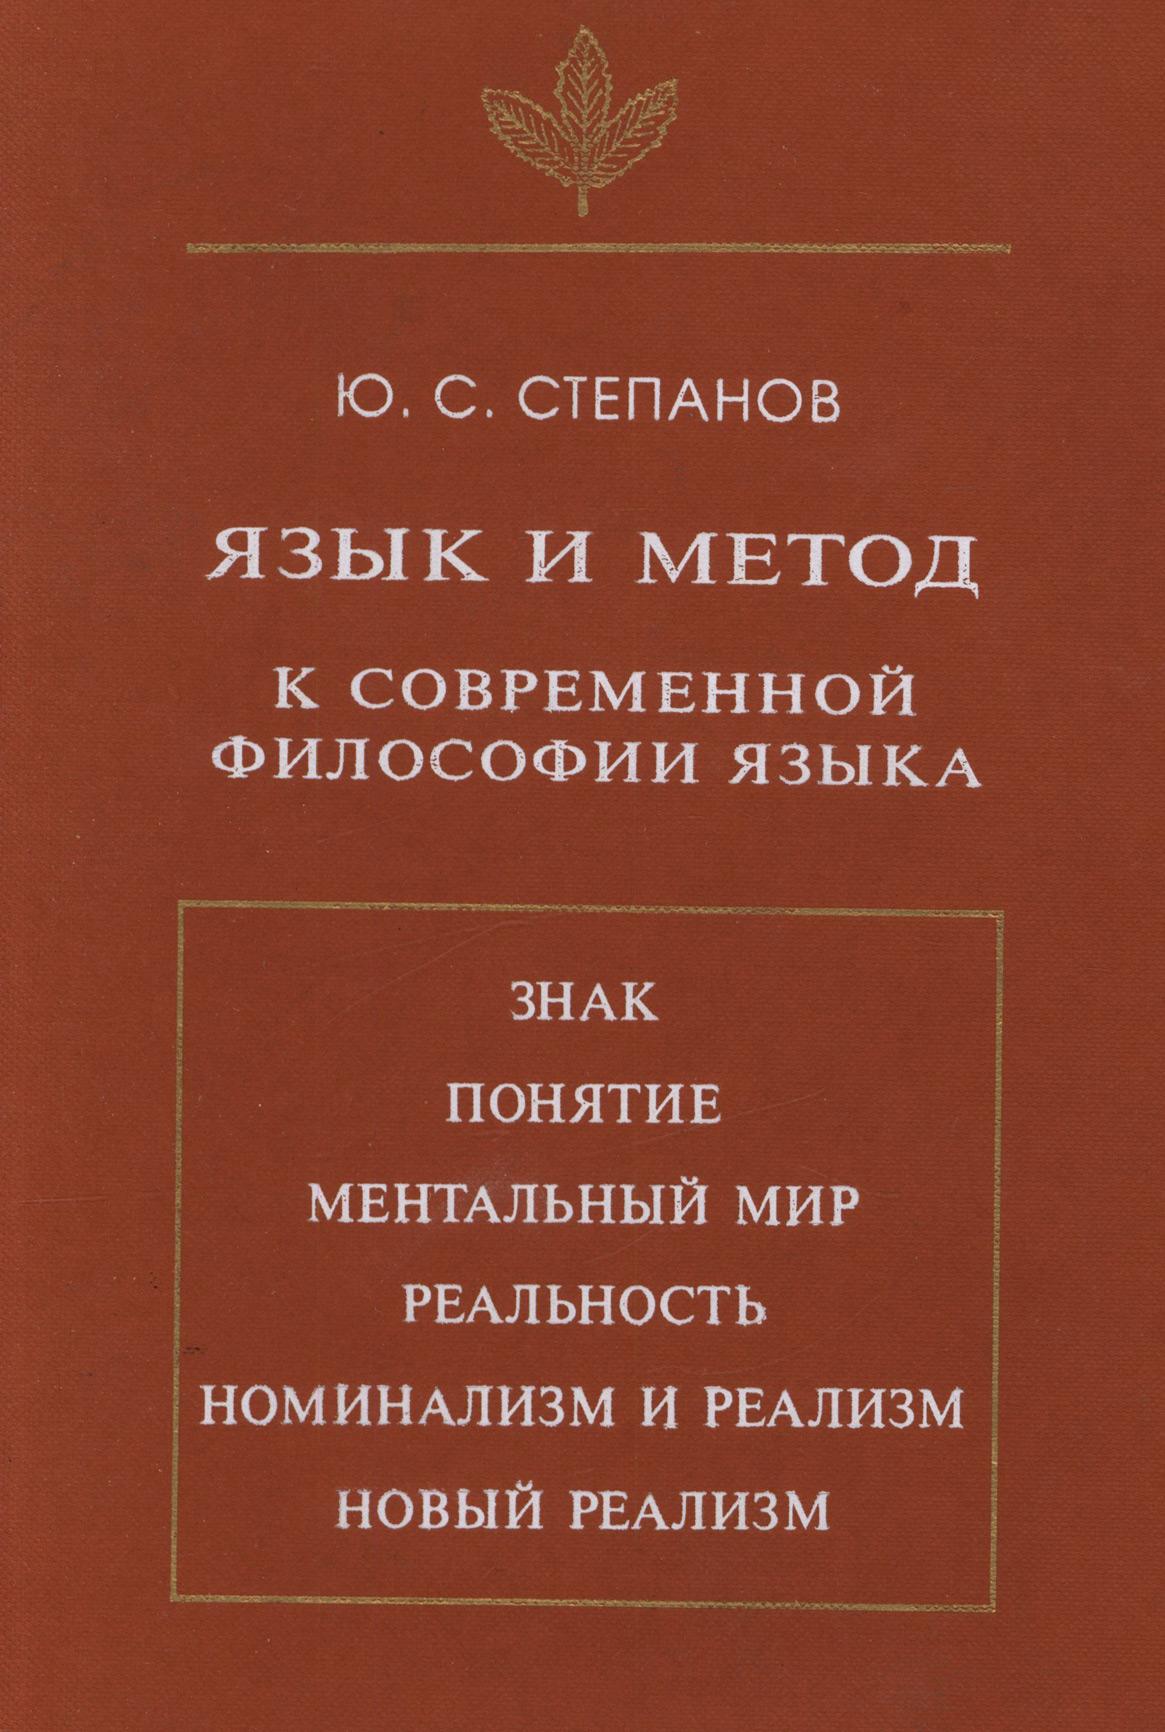 купить Ю. С. Степанов Язык и метод. К современной философии языка недорого